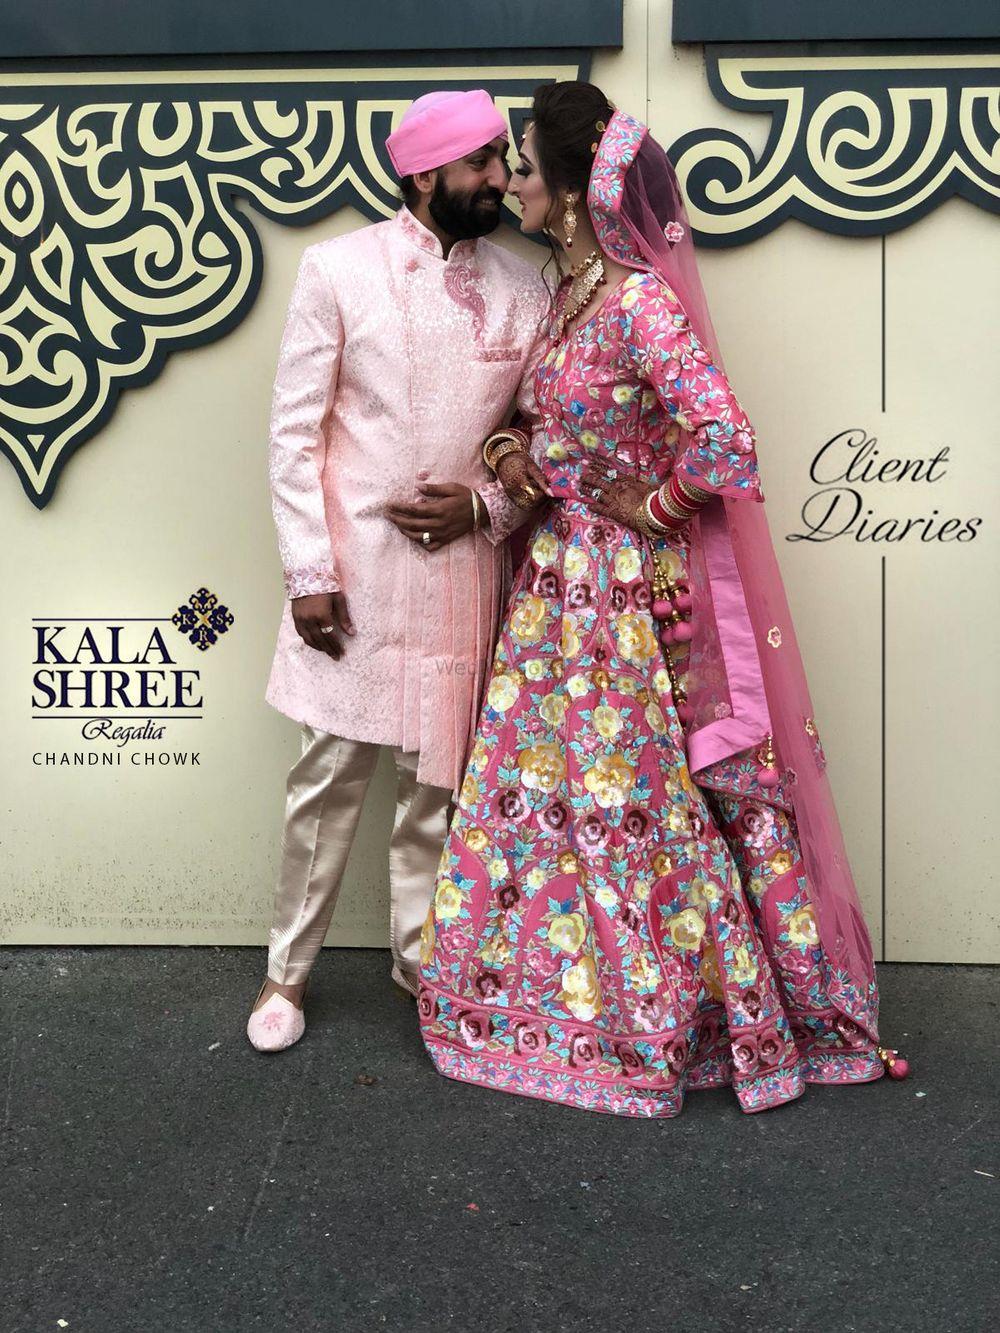 Photo From Beautiful Brides - By Kala Shree Regalia